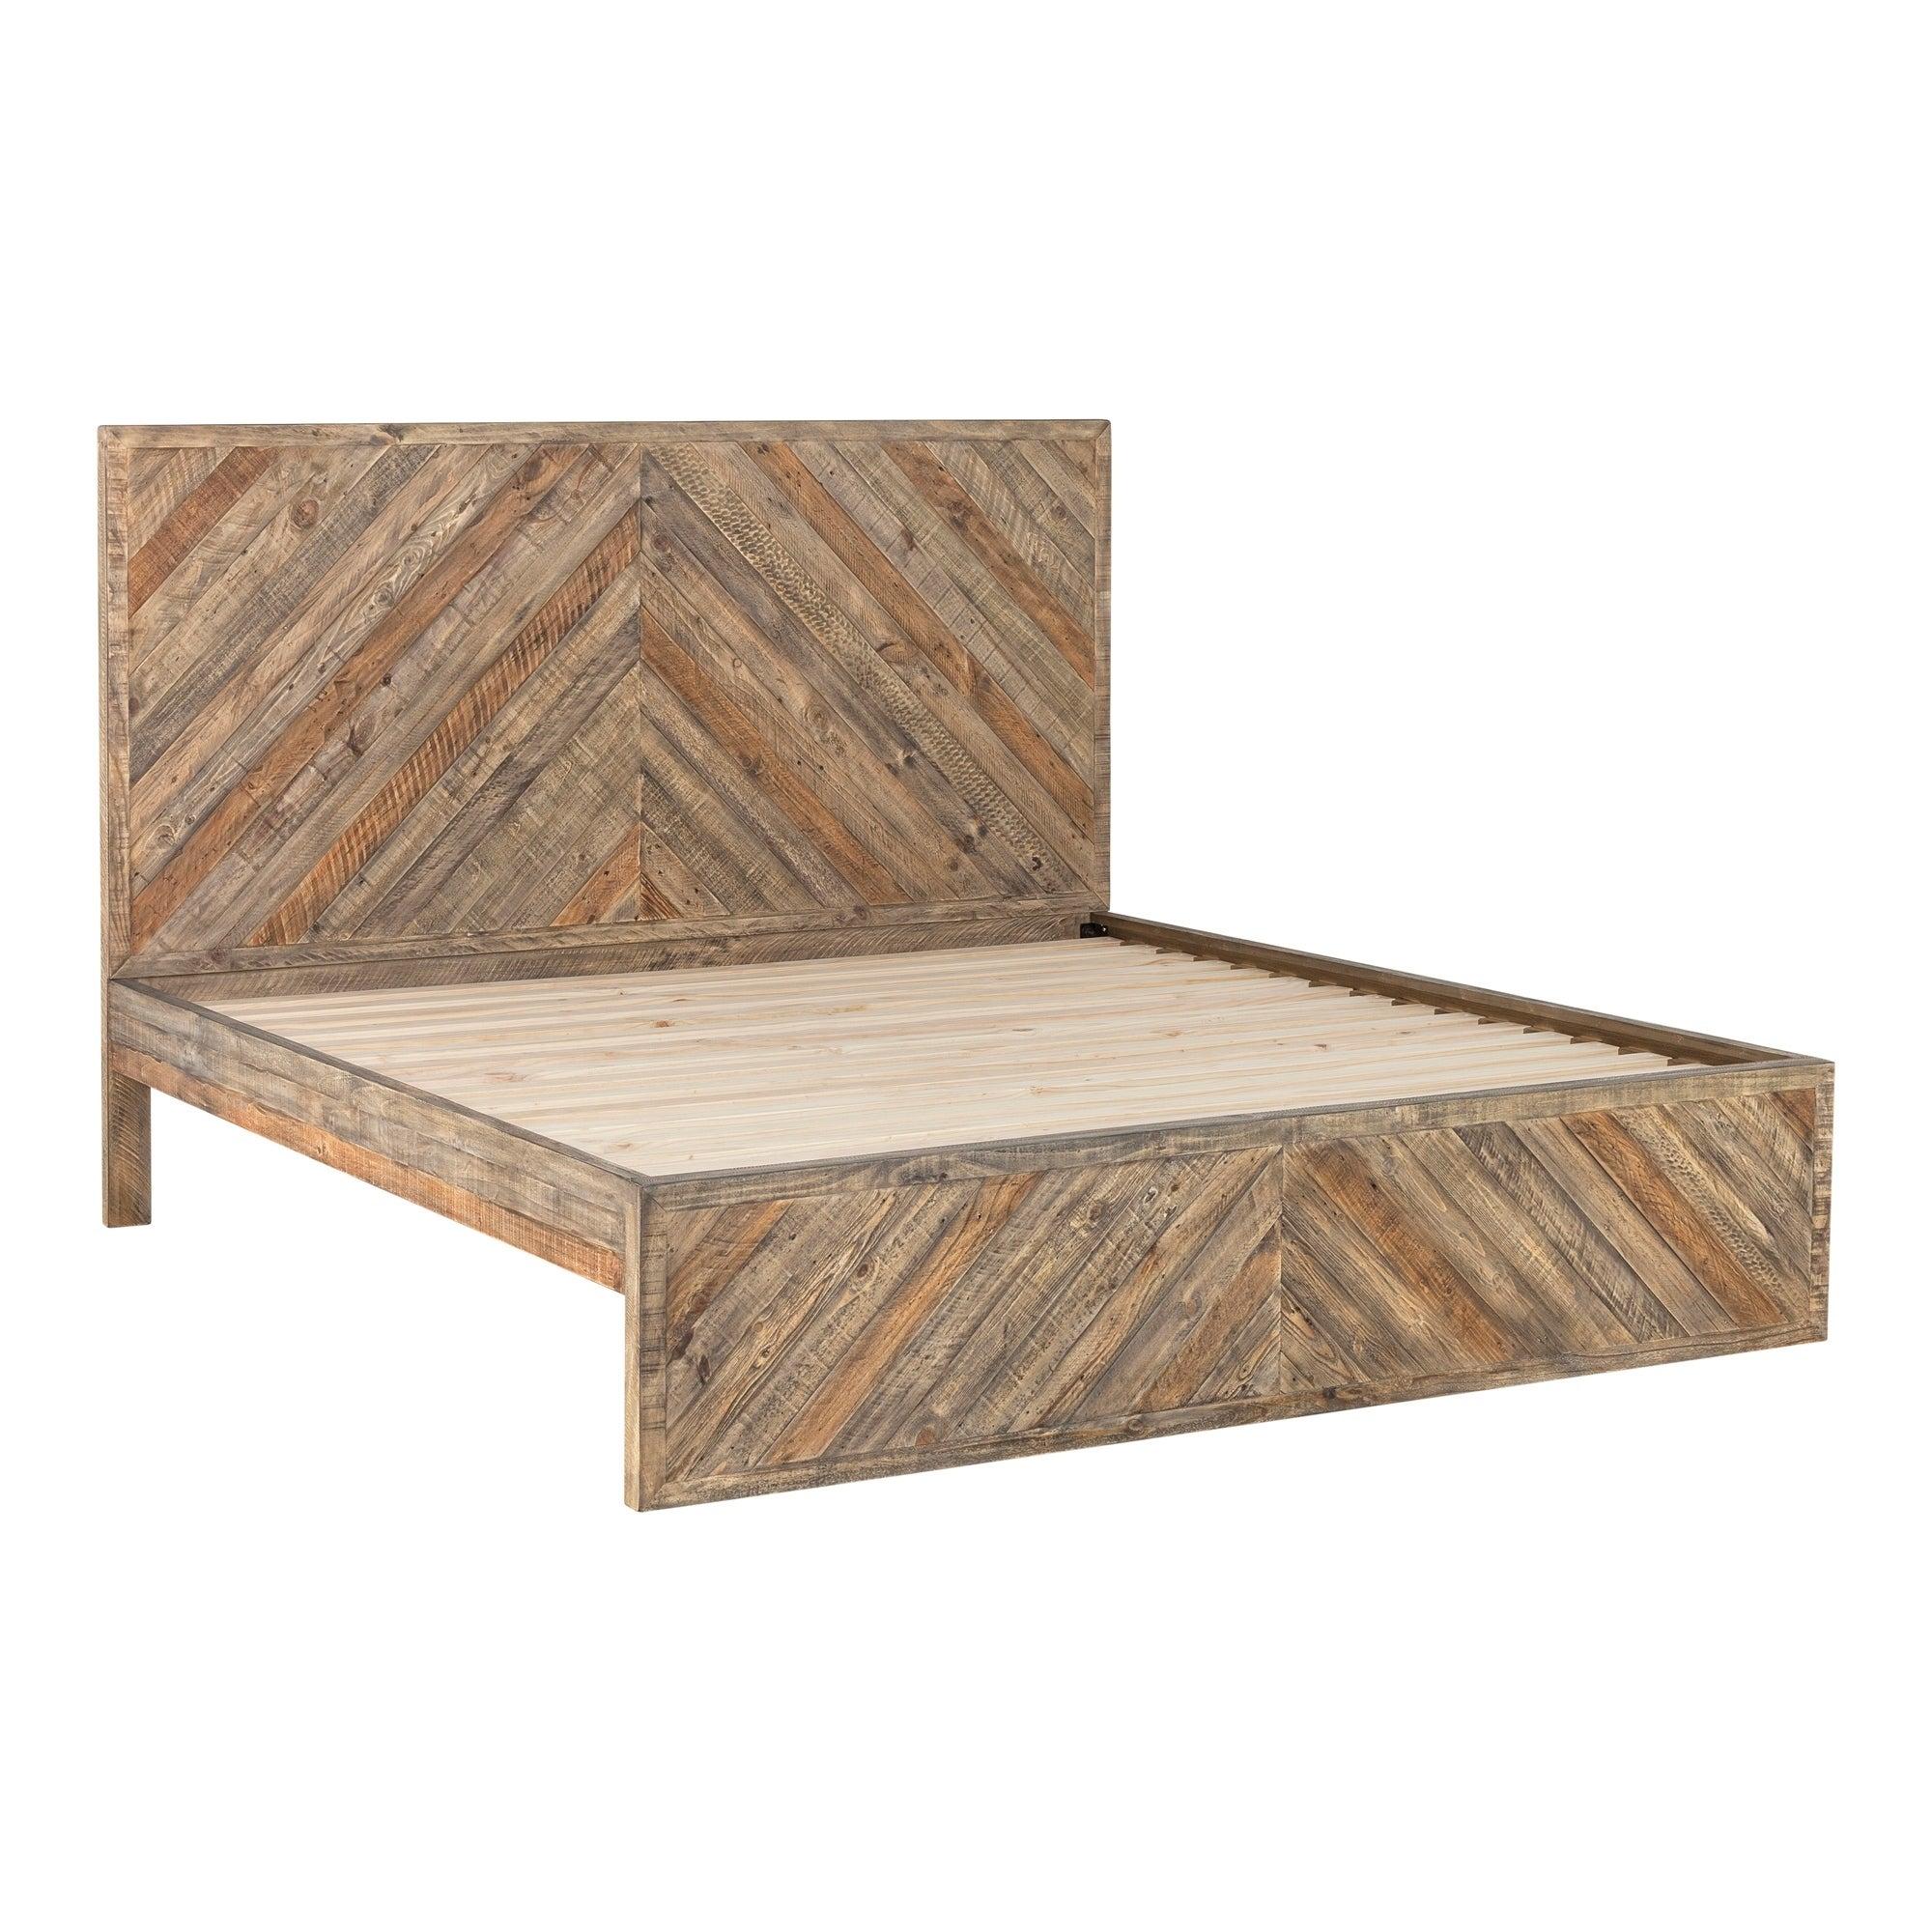 Aurelle Home Temprence Reclaimed Wood Modern Platform Bed Overstock 24121156